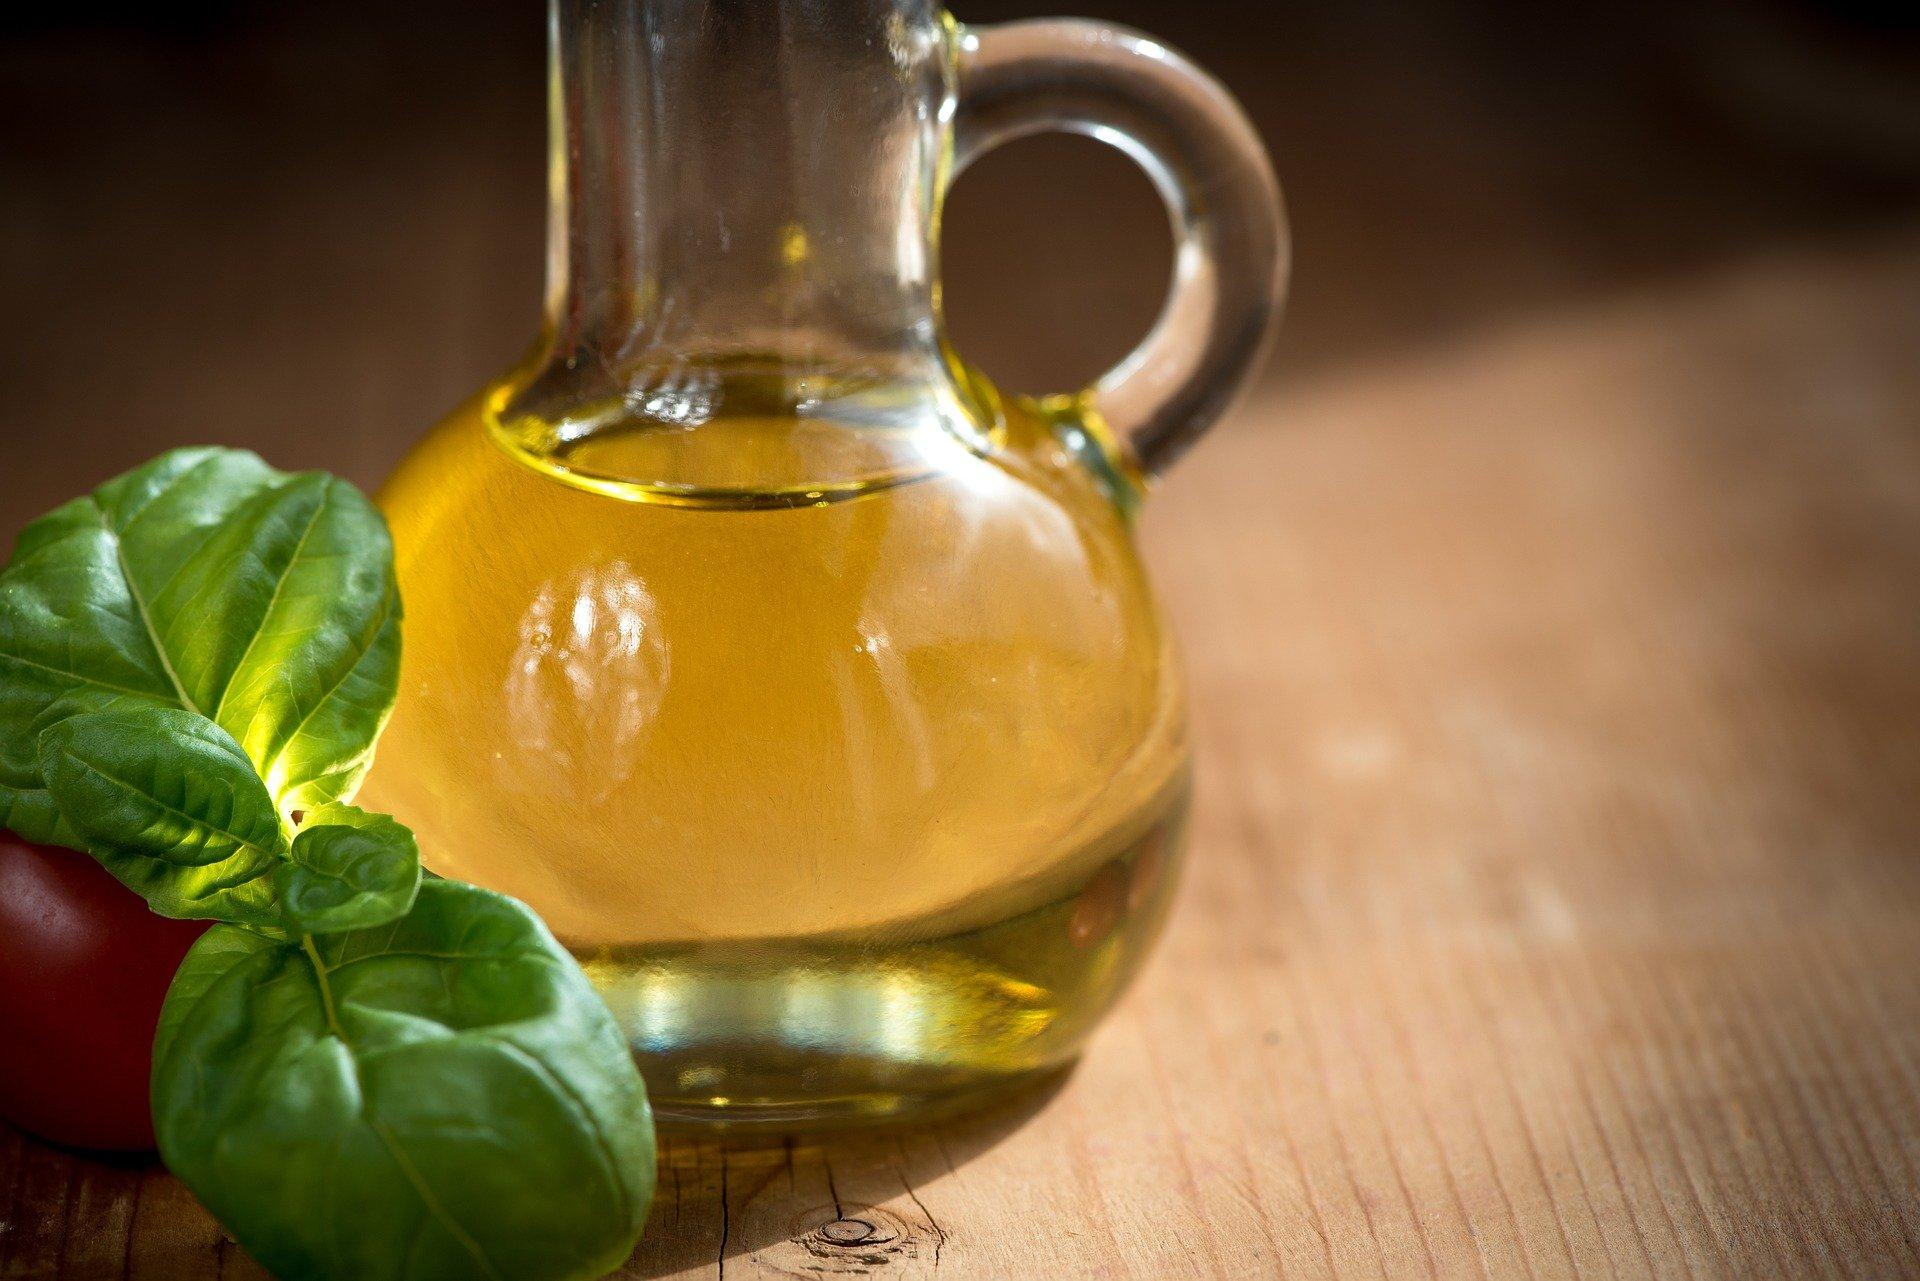 Індія знижує мито на соняшникову олію